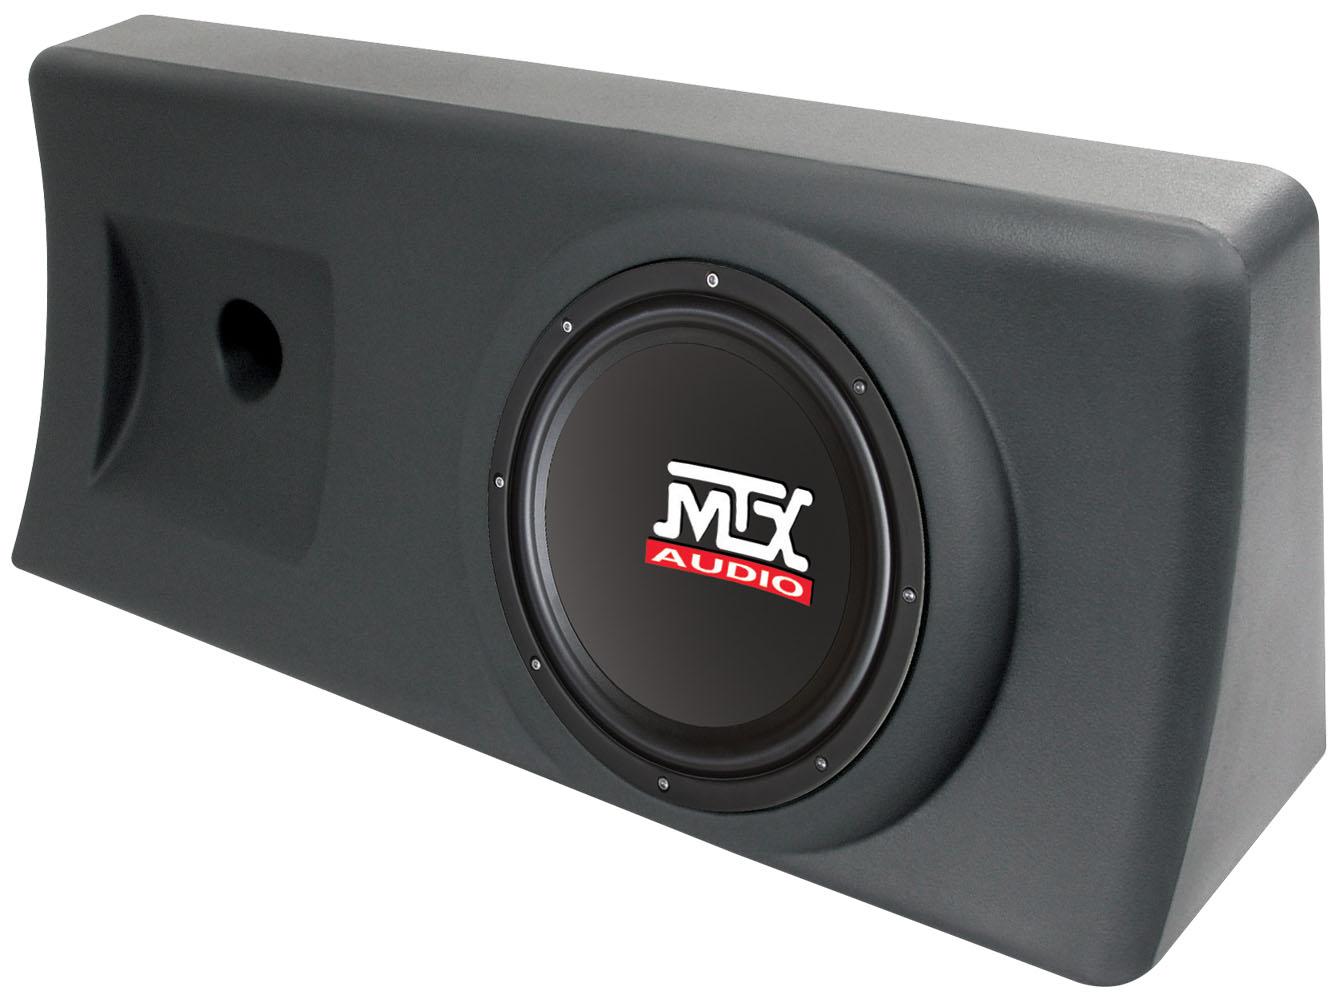 S1010ac Tn Vehicile Subwoofer Enclosure Mtx Audio Serious About